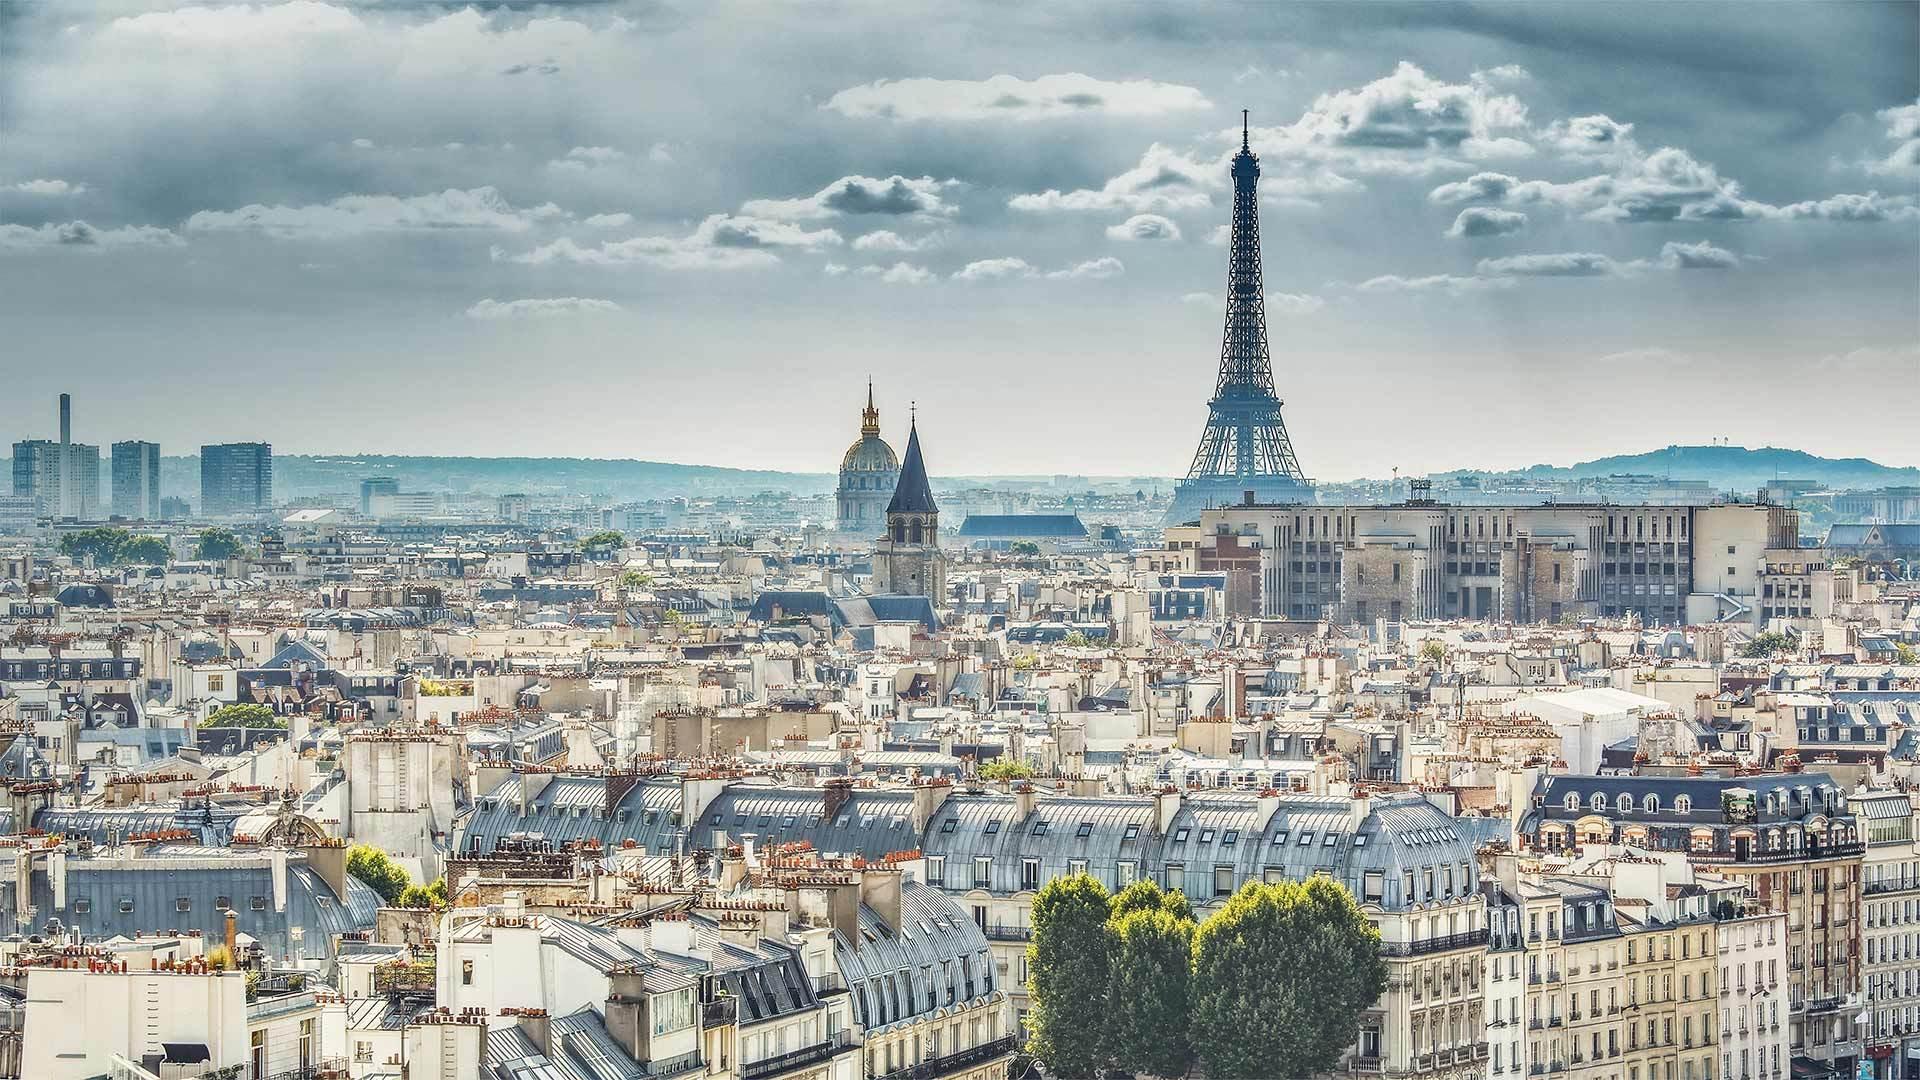 从巴黎圣母院拍摄到的埃菲尔铁塔